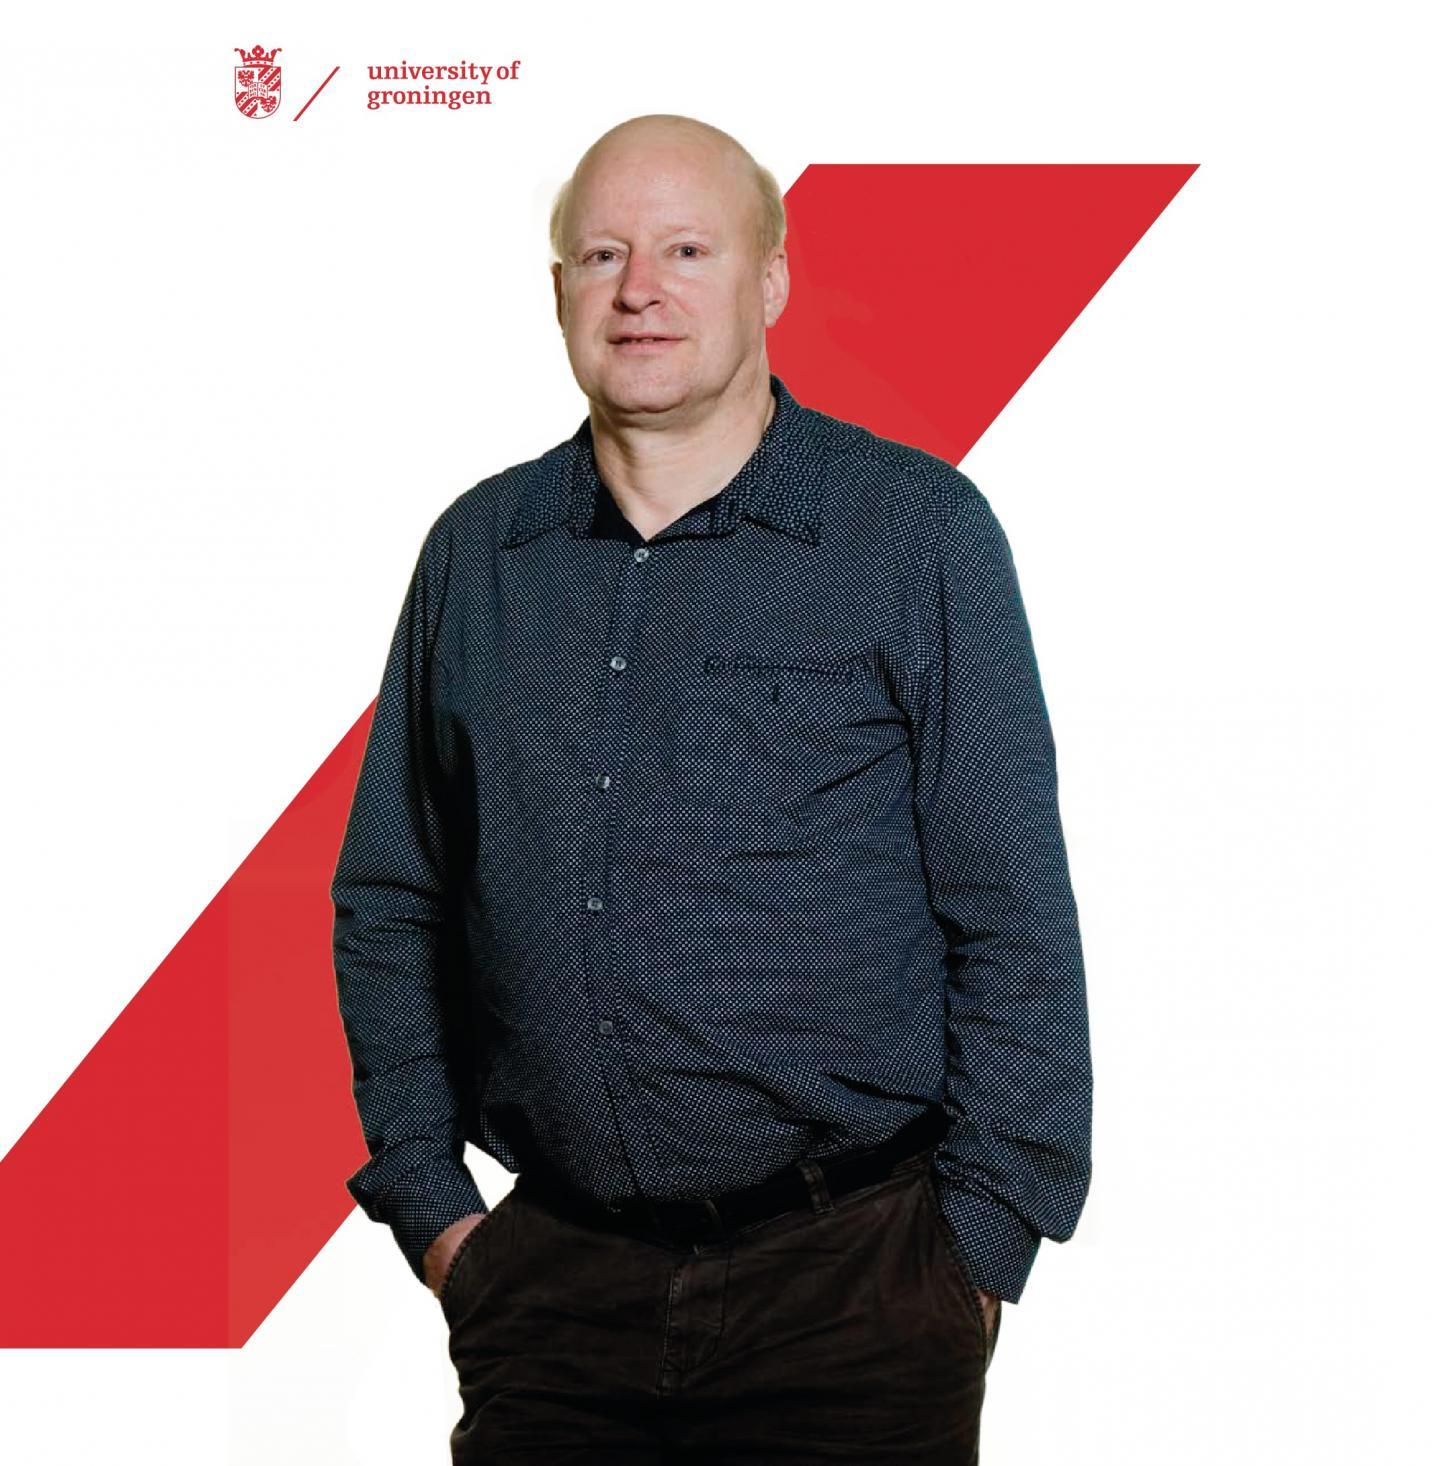 Bart van Wees, University of Groningen